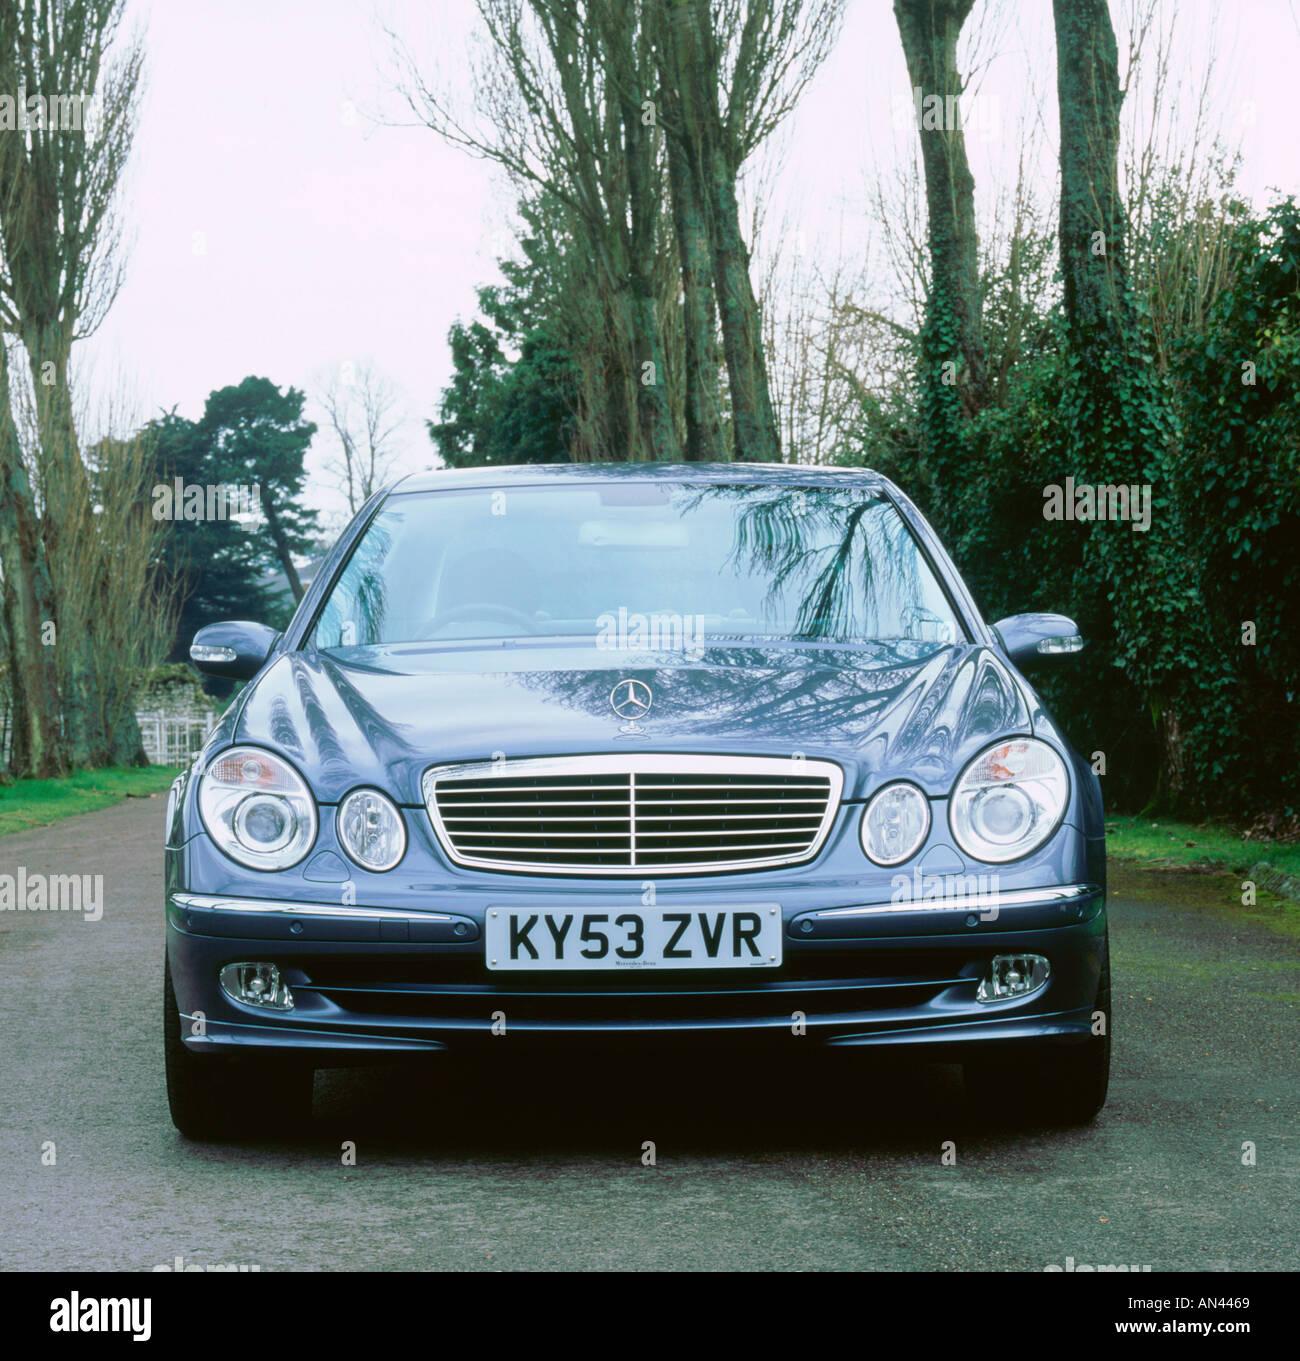 All Types 2003 benz e320 : 2003 Mercedes Benz E320 cdi Avantgarde Stock Photo, Royalty Free ...